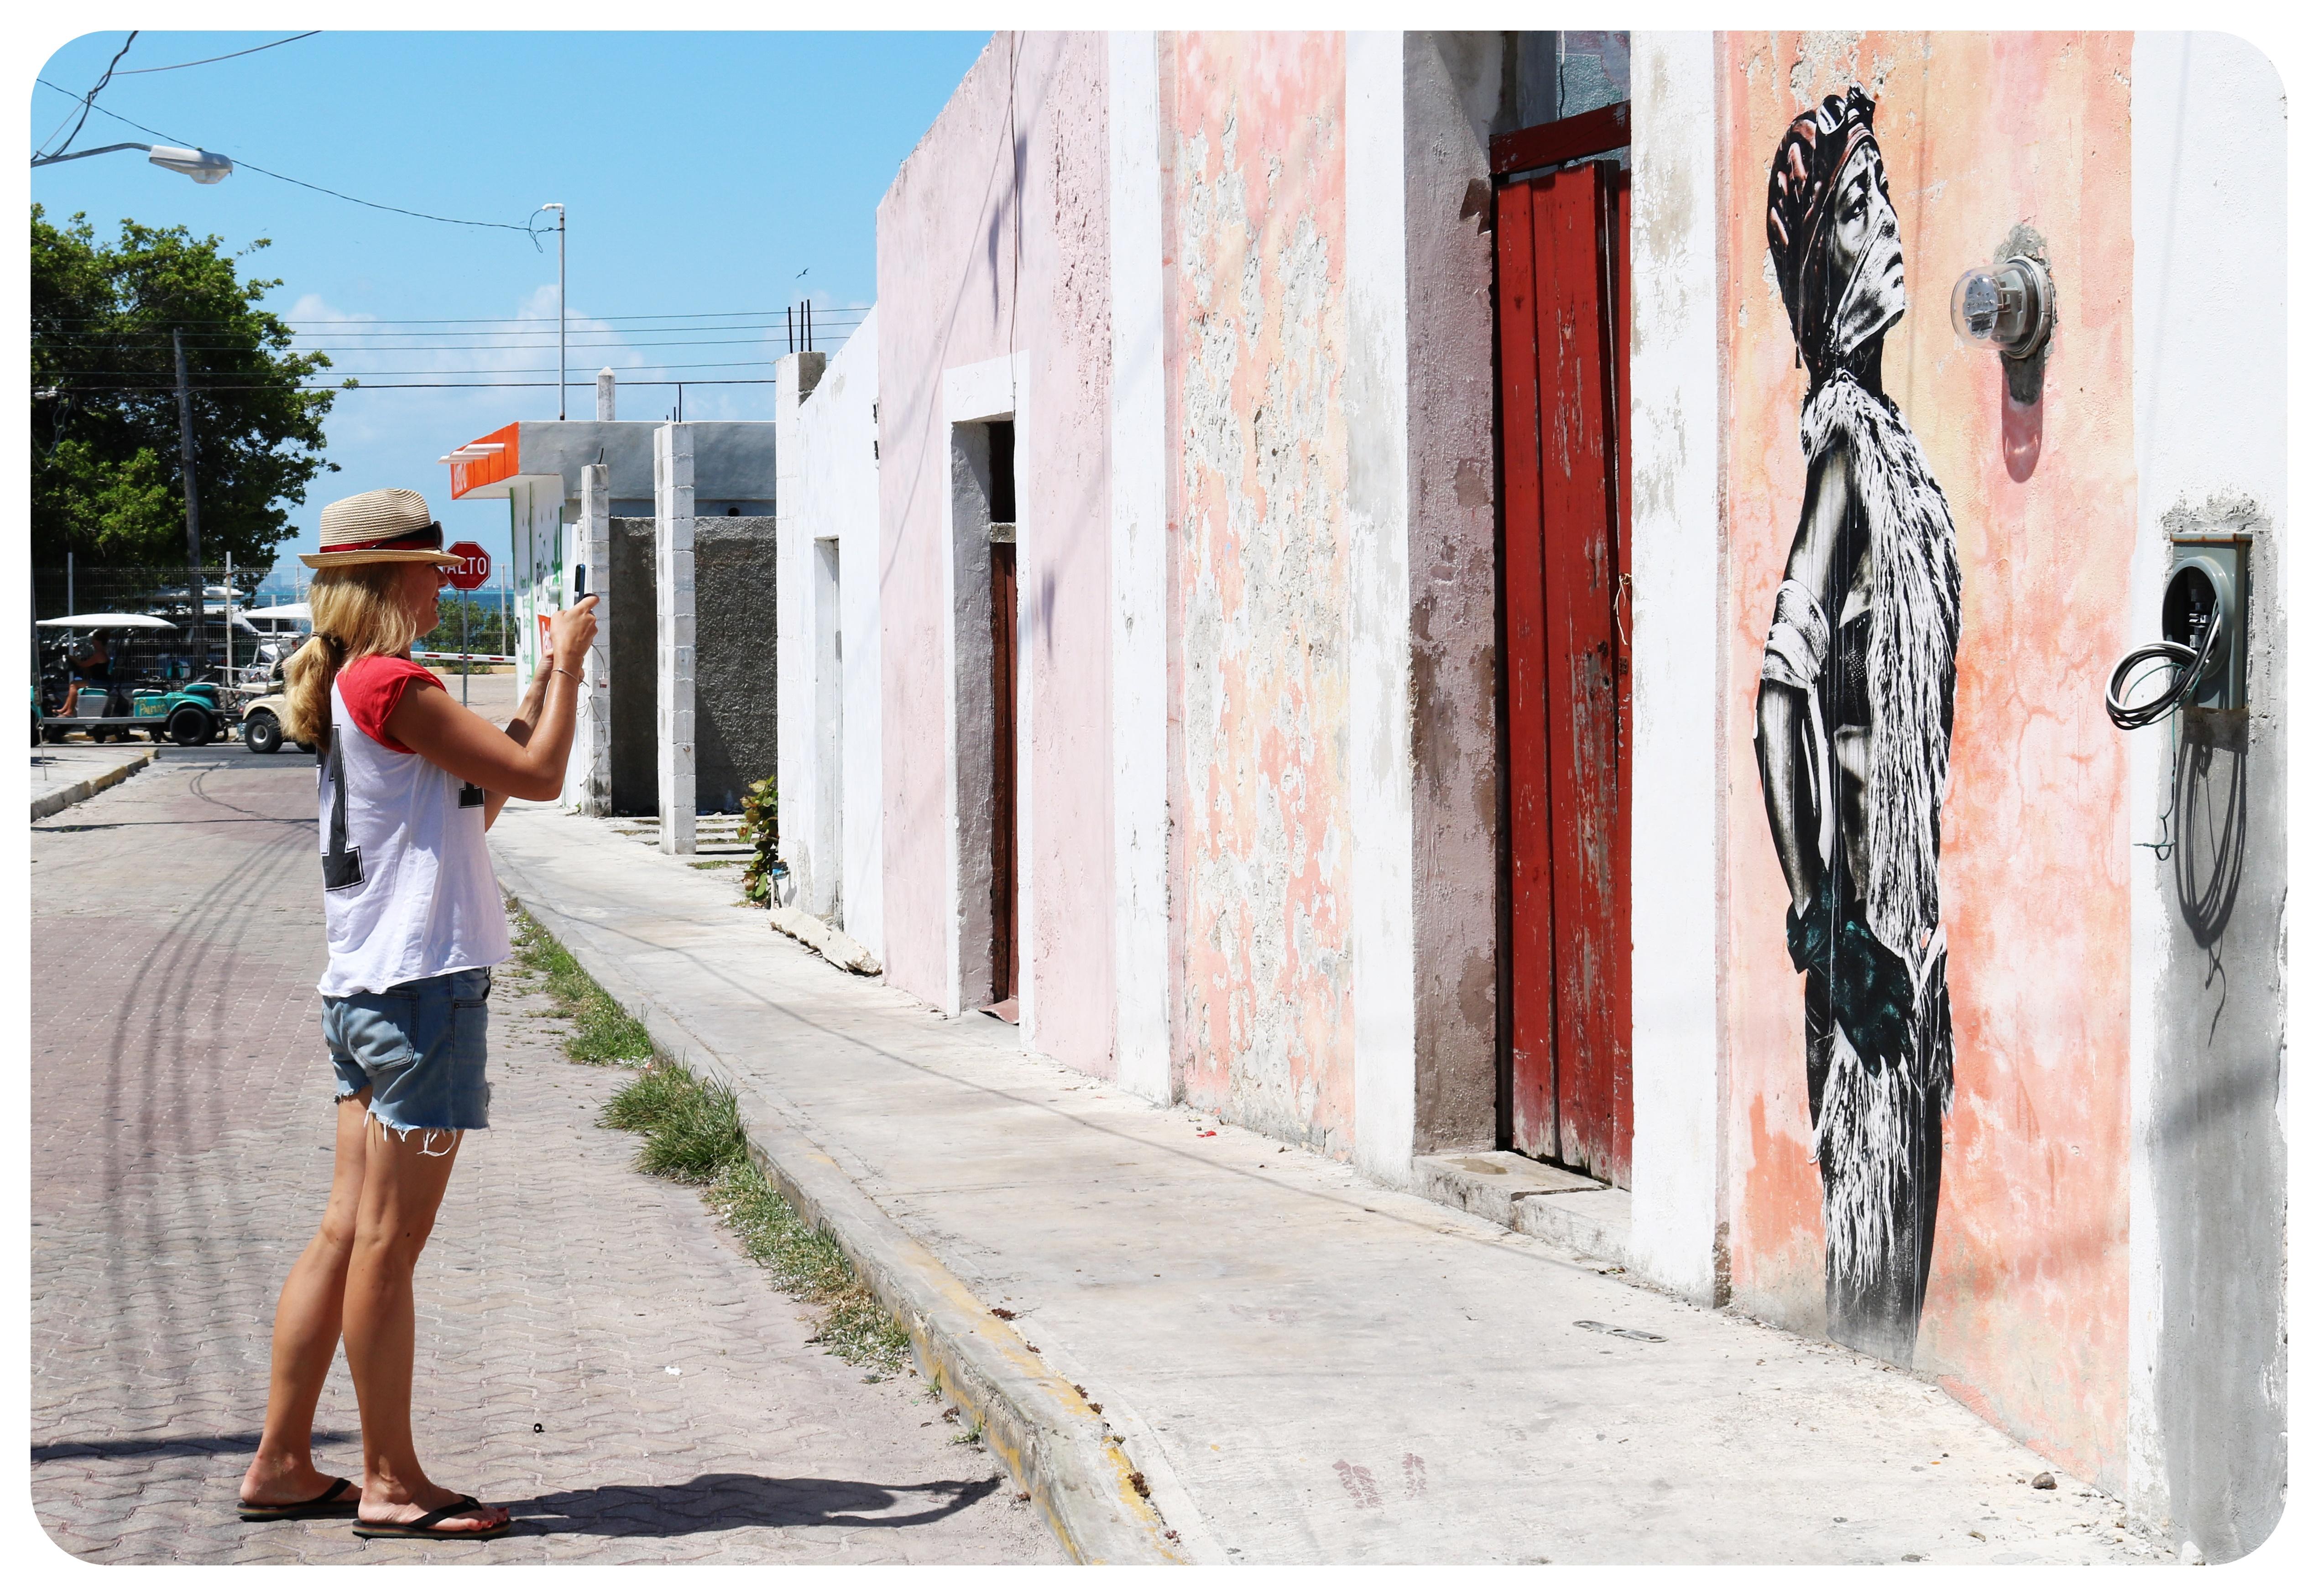 isla mujeres street art mexico